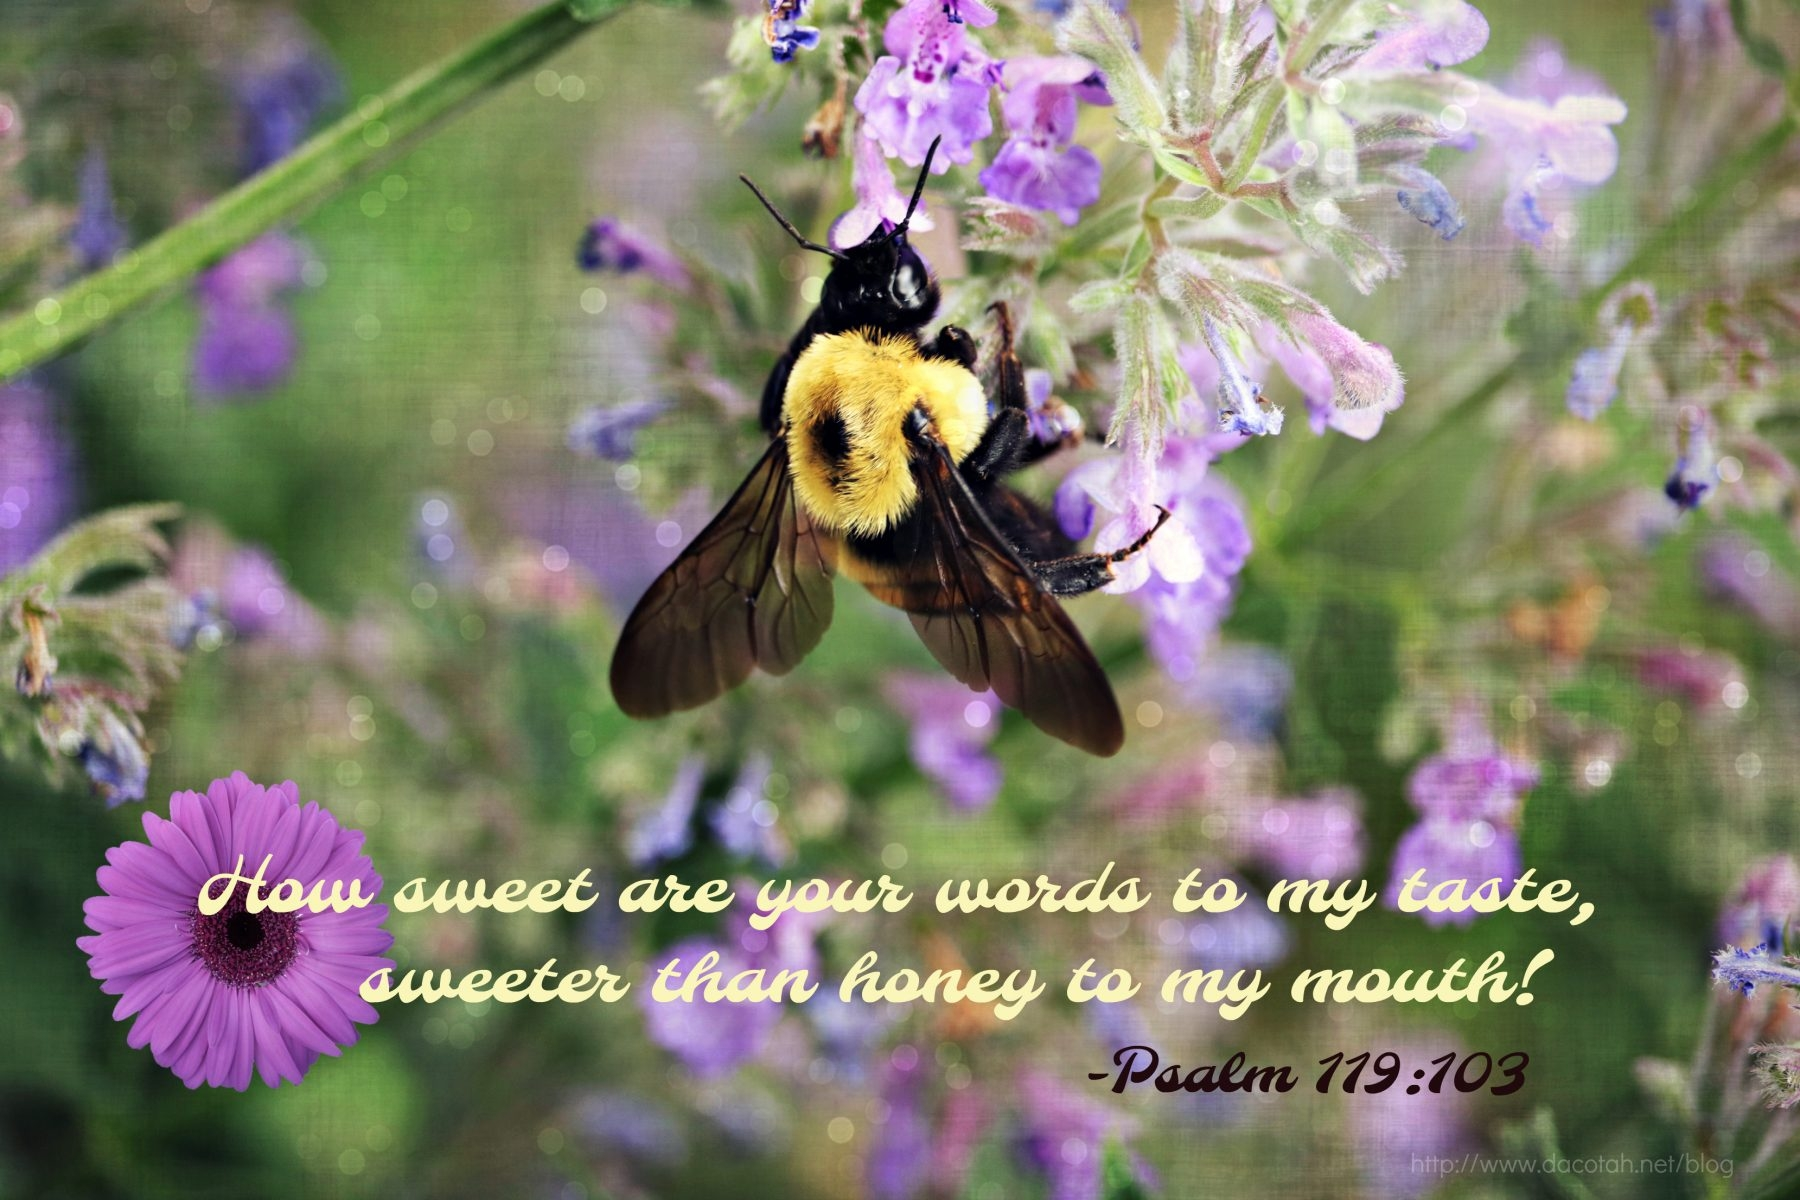 D2DL-Psalm119:103